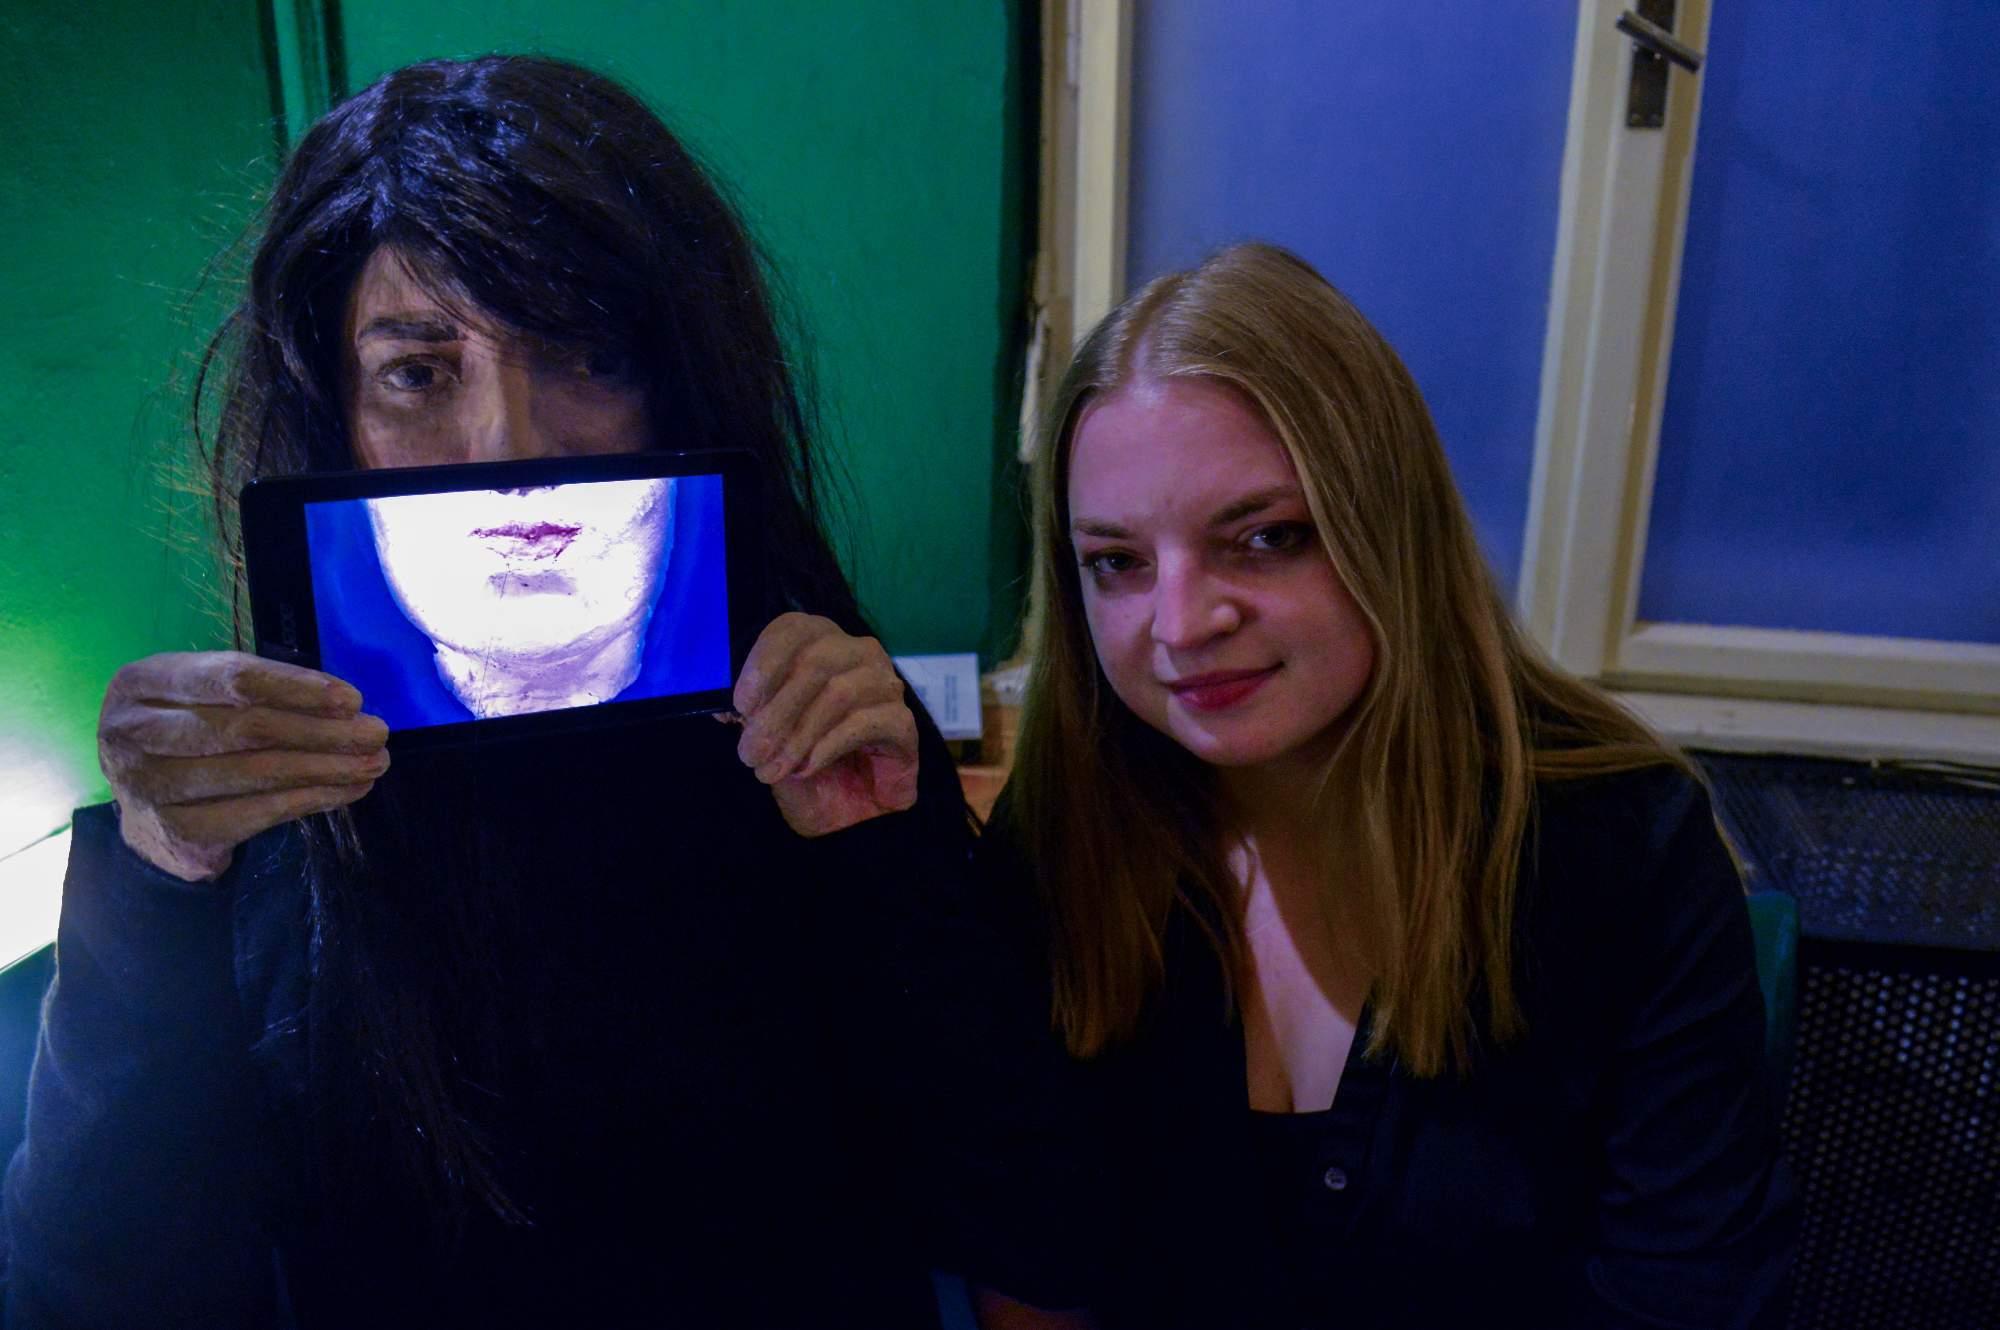 Eva Lukešová vystavuje fotografie, videa i sochu s proměnlivým úsměvem. Autor: Eva Bartáková